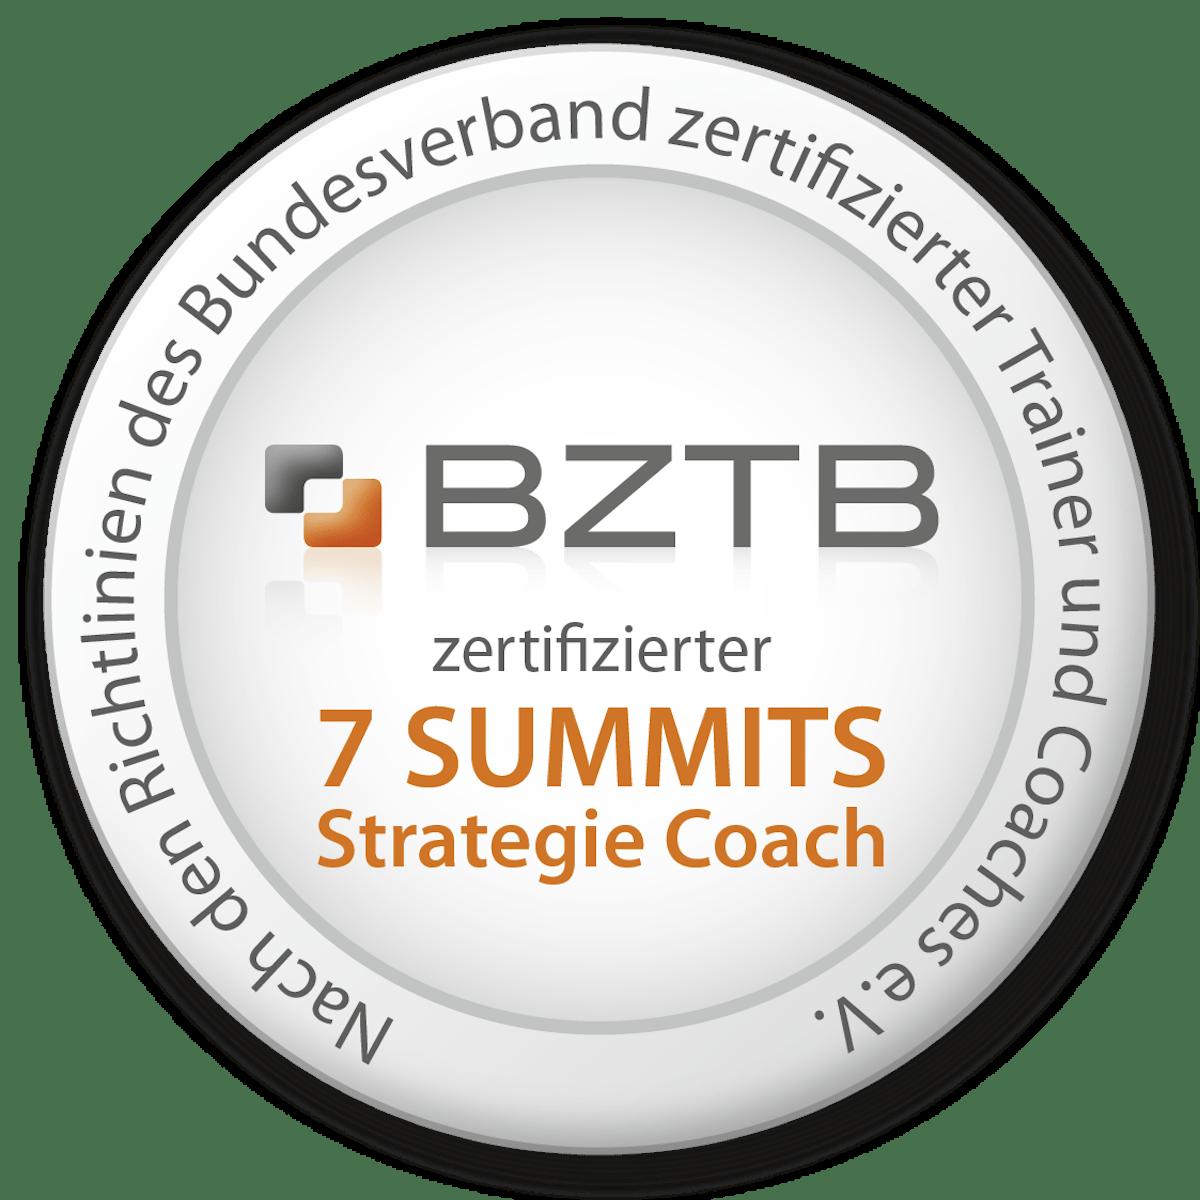 Rèdiger Böhm Zertifiziert durch den Bundesverband zertifizierter Trainer und Coaches